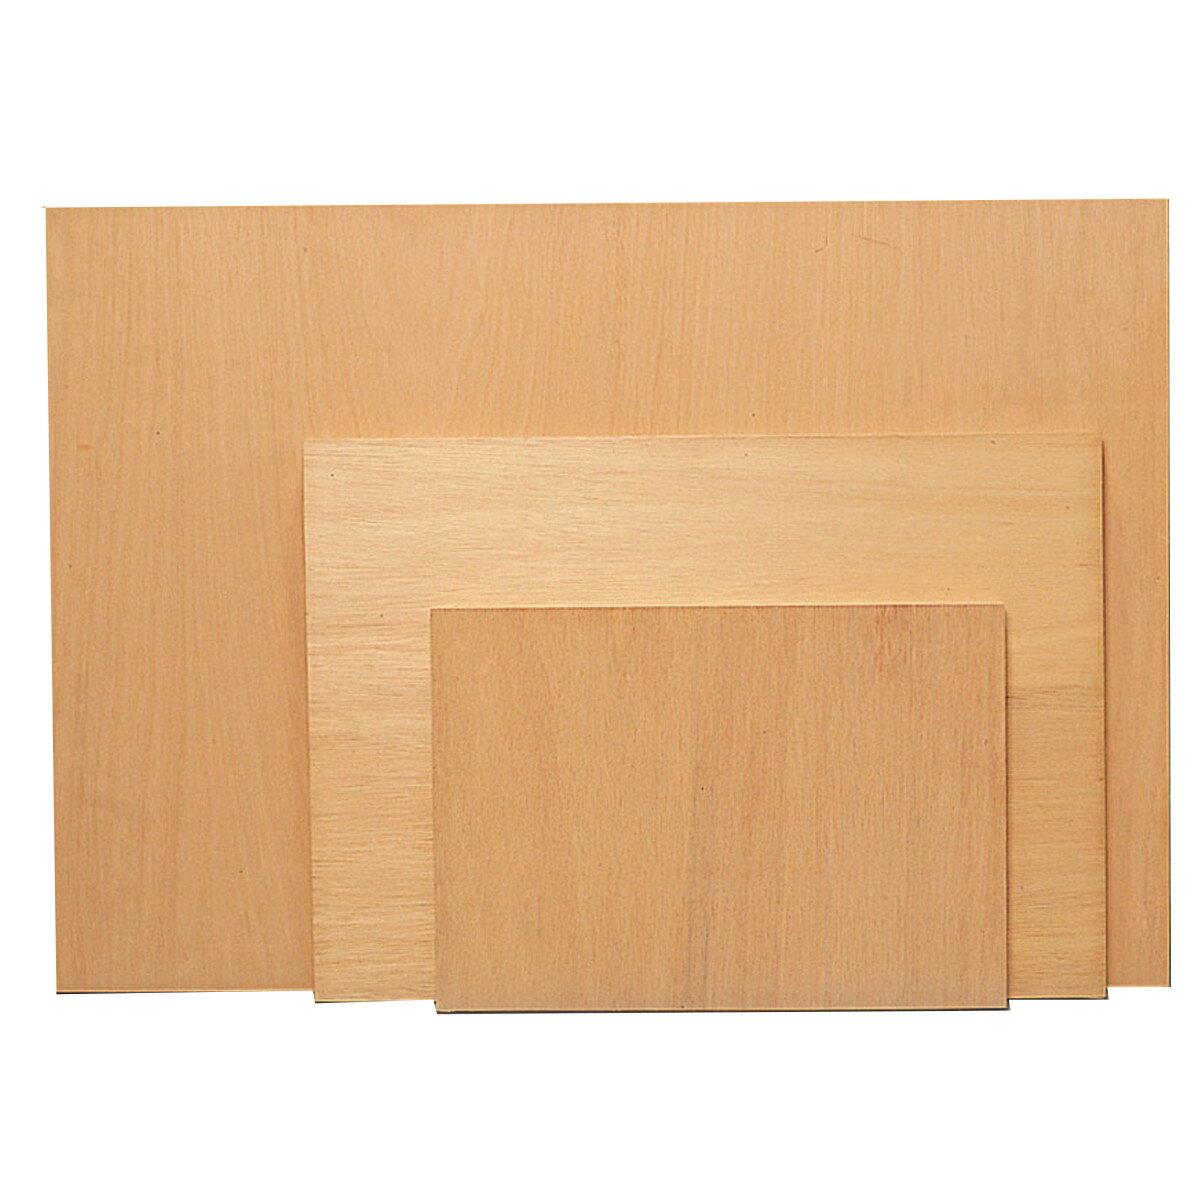 [ ゆうパケット可 ] 木製パネル ベニヤ板張 A4 【 パネル 木製 展示 描画用紙 】